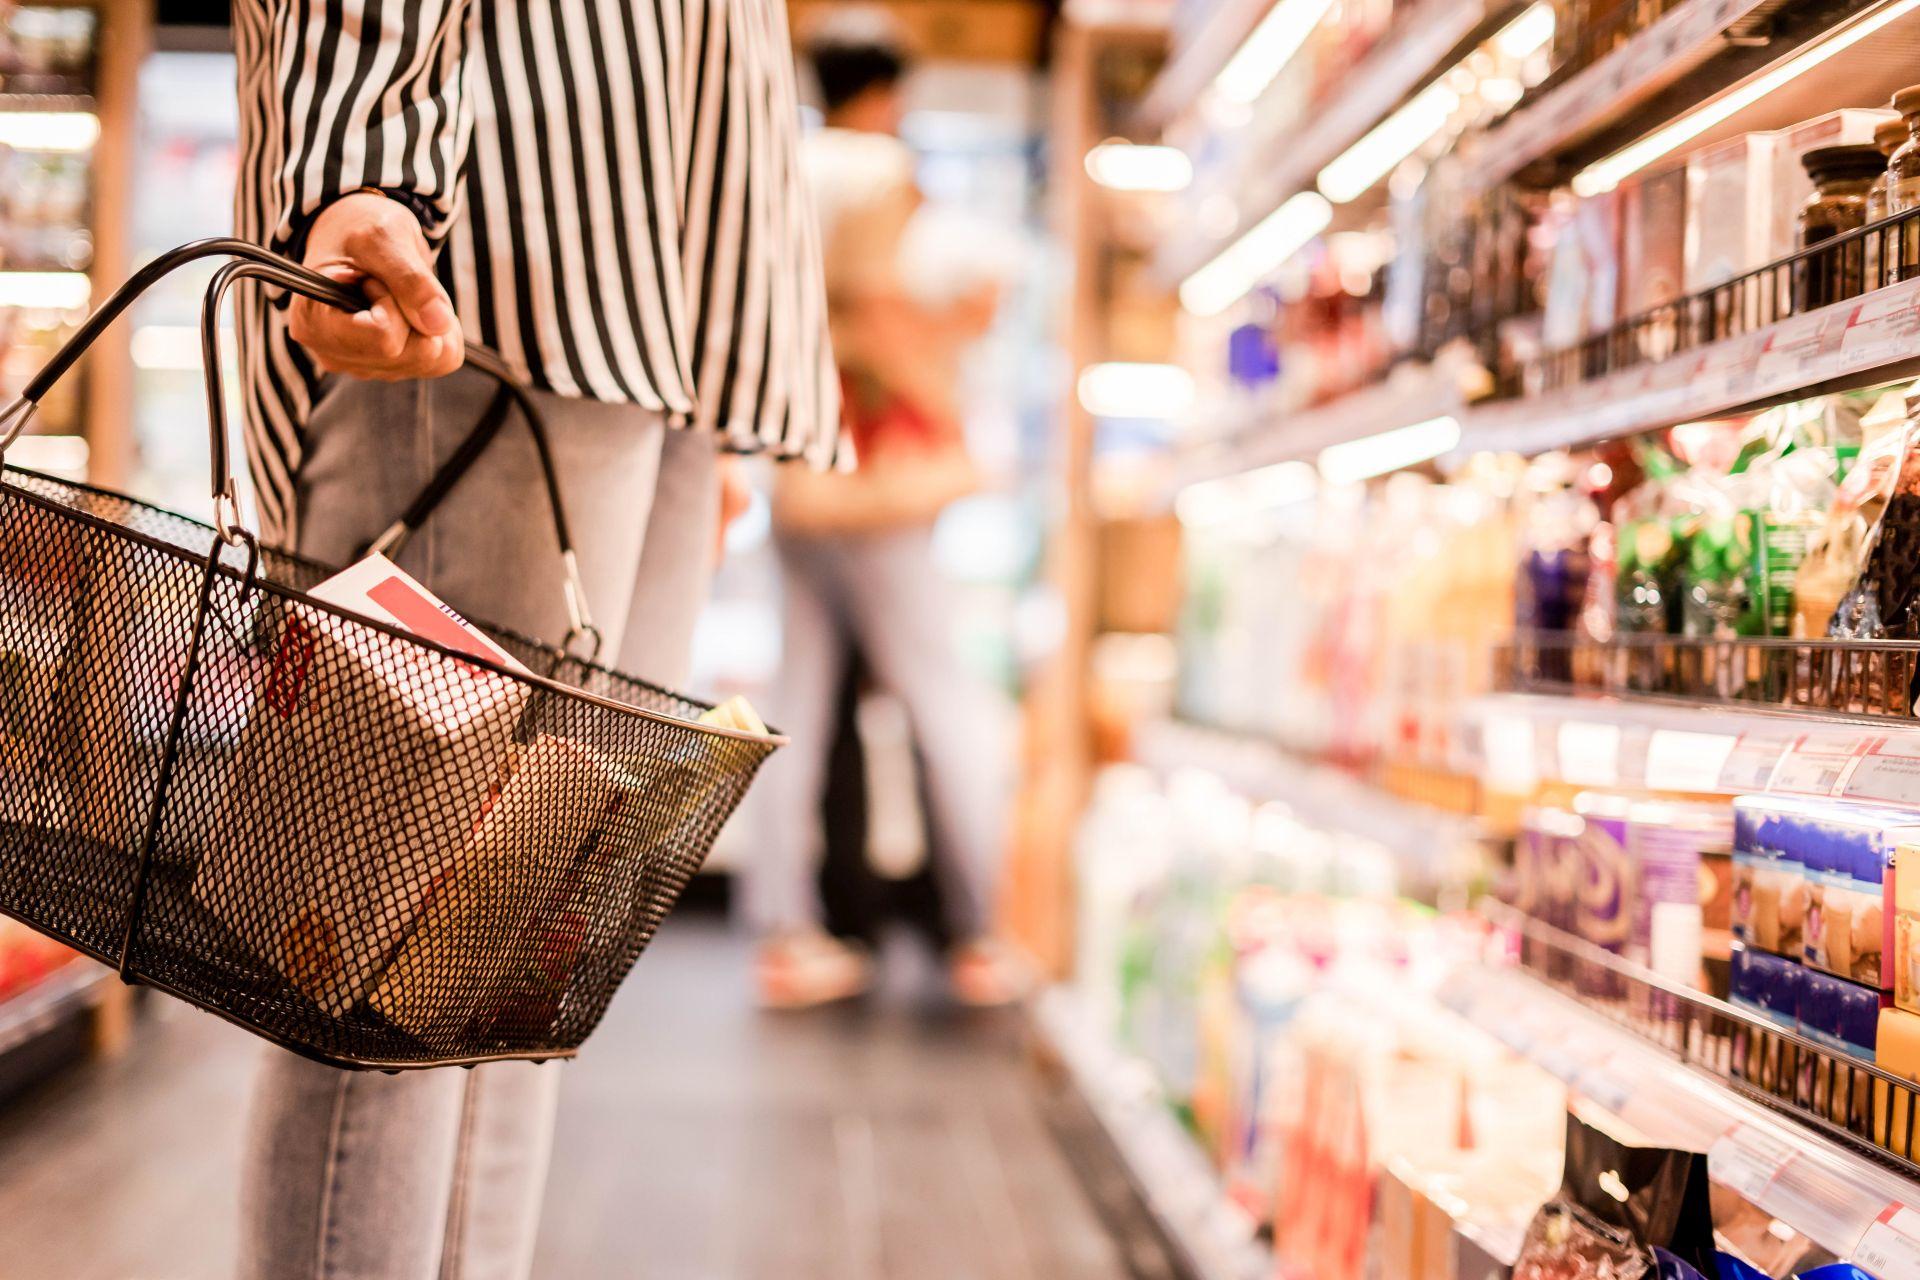 Na czym polega dieta dobrych produktów? Jak robić zdrowe zakupy i wybierać zdrowe tłuszcze, mięso, owoce i warzywa? Jak unikać produktów wysoko przetworzonych i czuć się dobrze? Czytaj więcej!